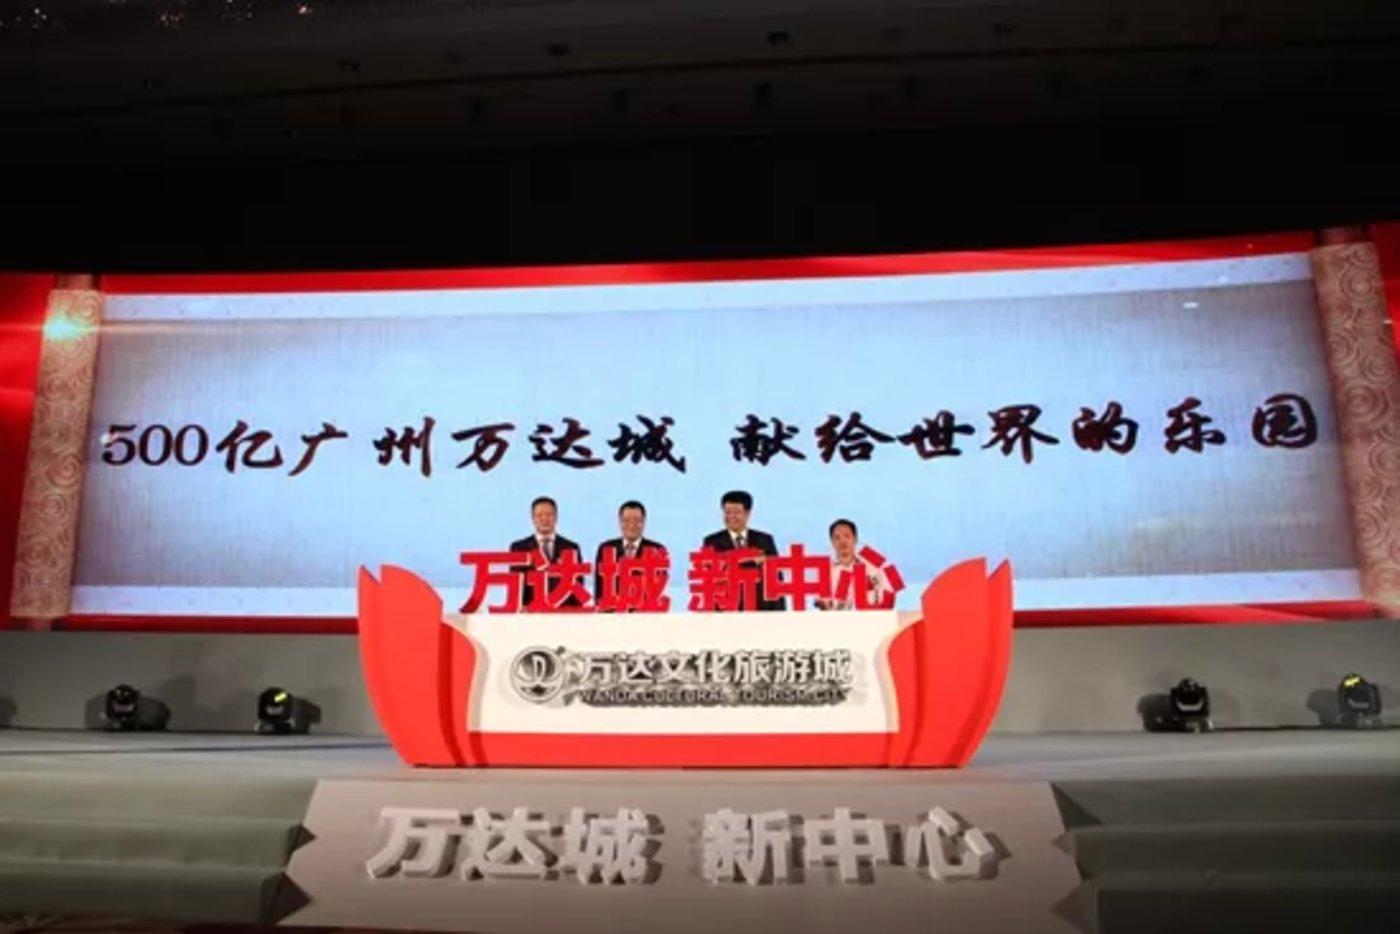 2014年,万达集团宣布将投资500亿元建造广州万达文化旅游城